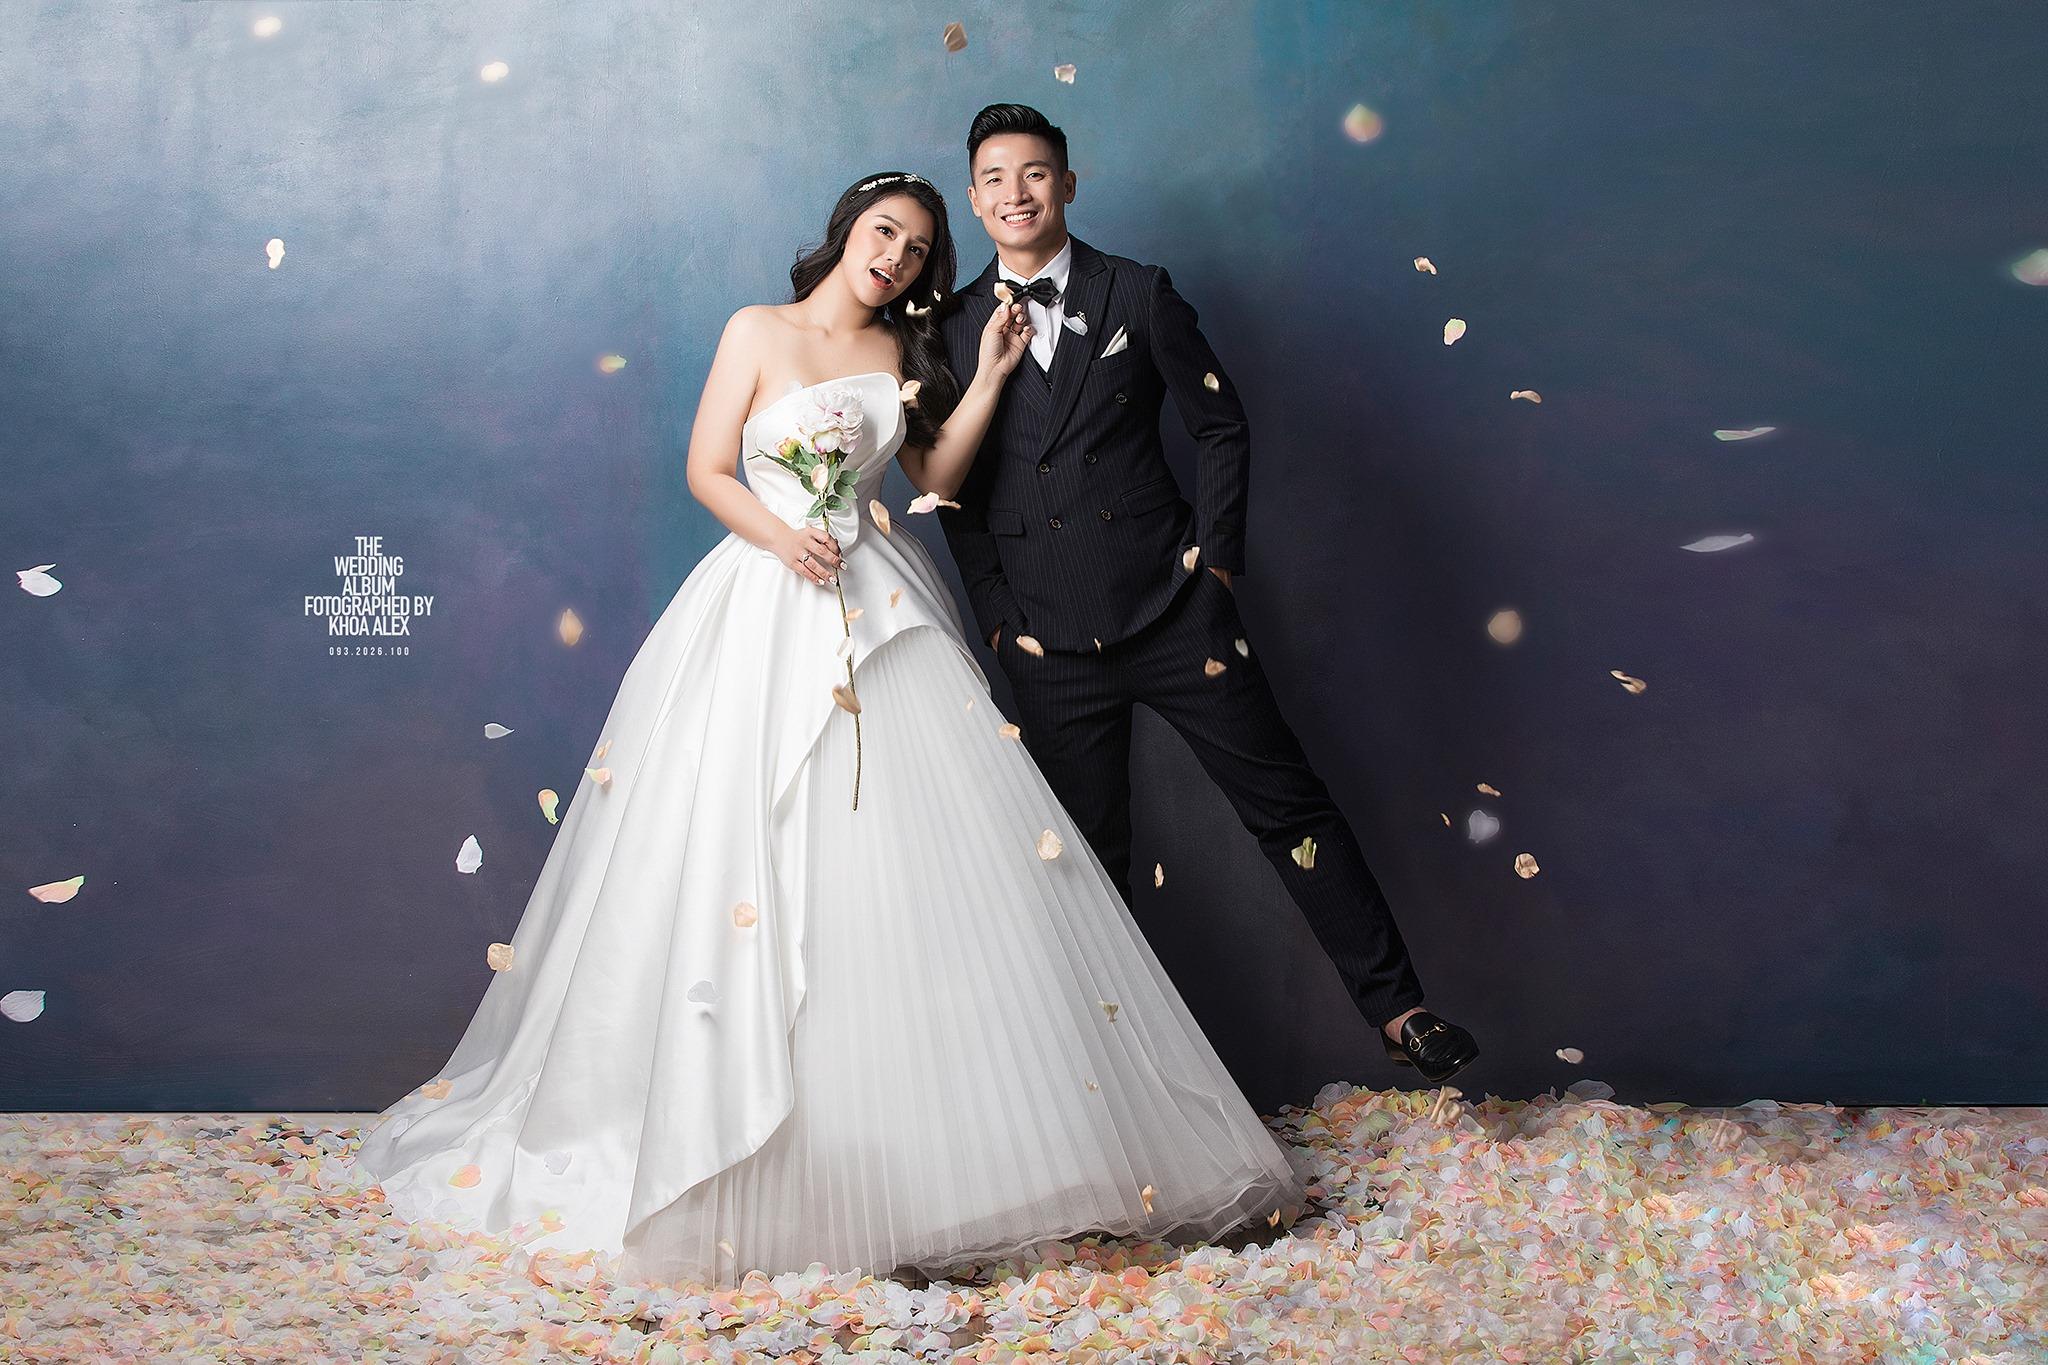 Trọn bộ ảnh cưới hoành tráng của Bùi Tiến Dũng - Khánh Linh: Chú rể cực phong độ, cô dâu xinh đẹp miễn chê